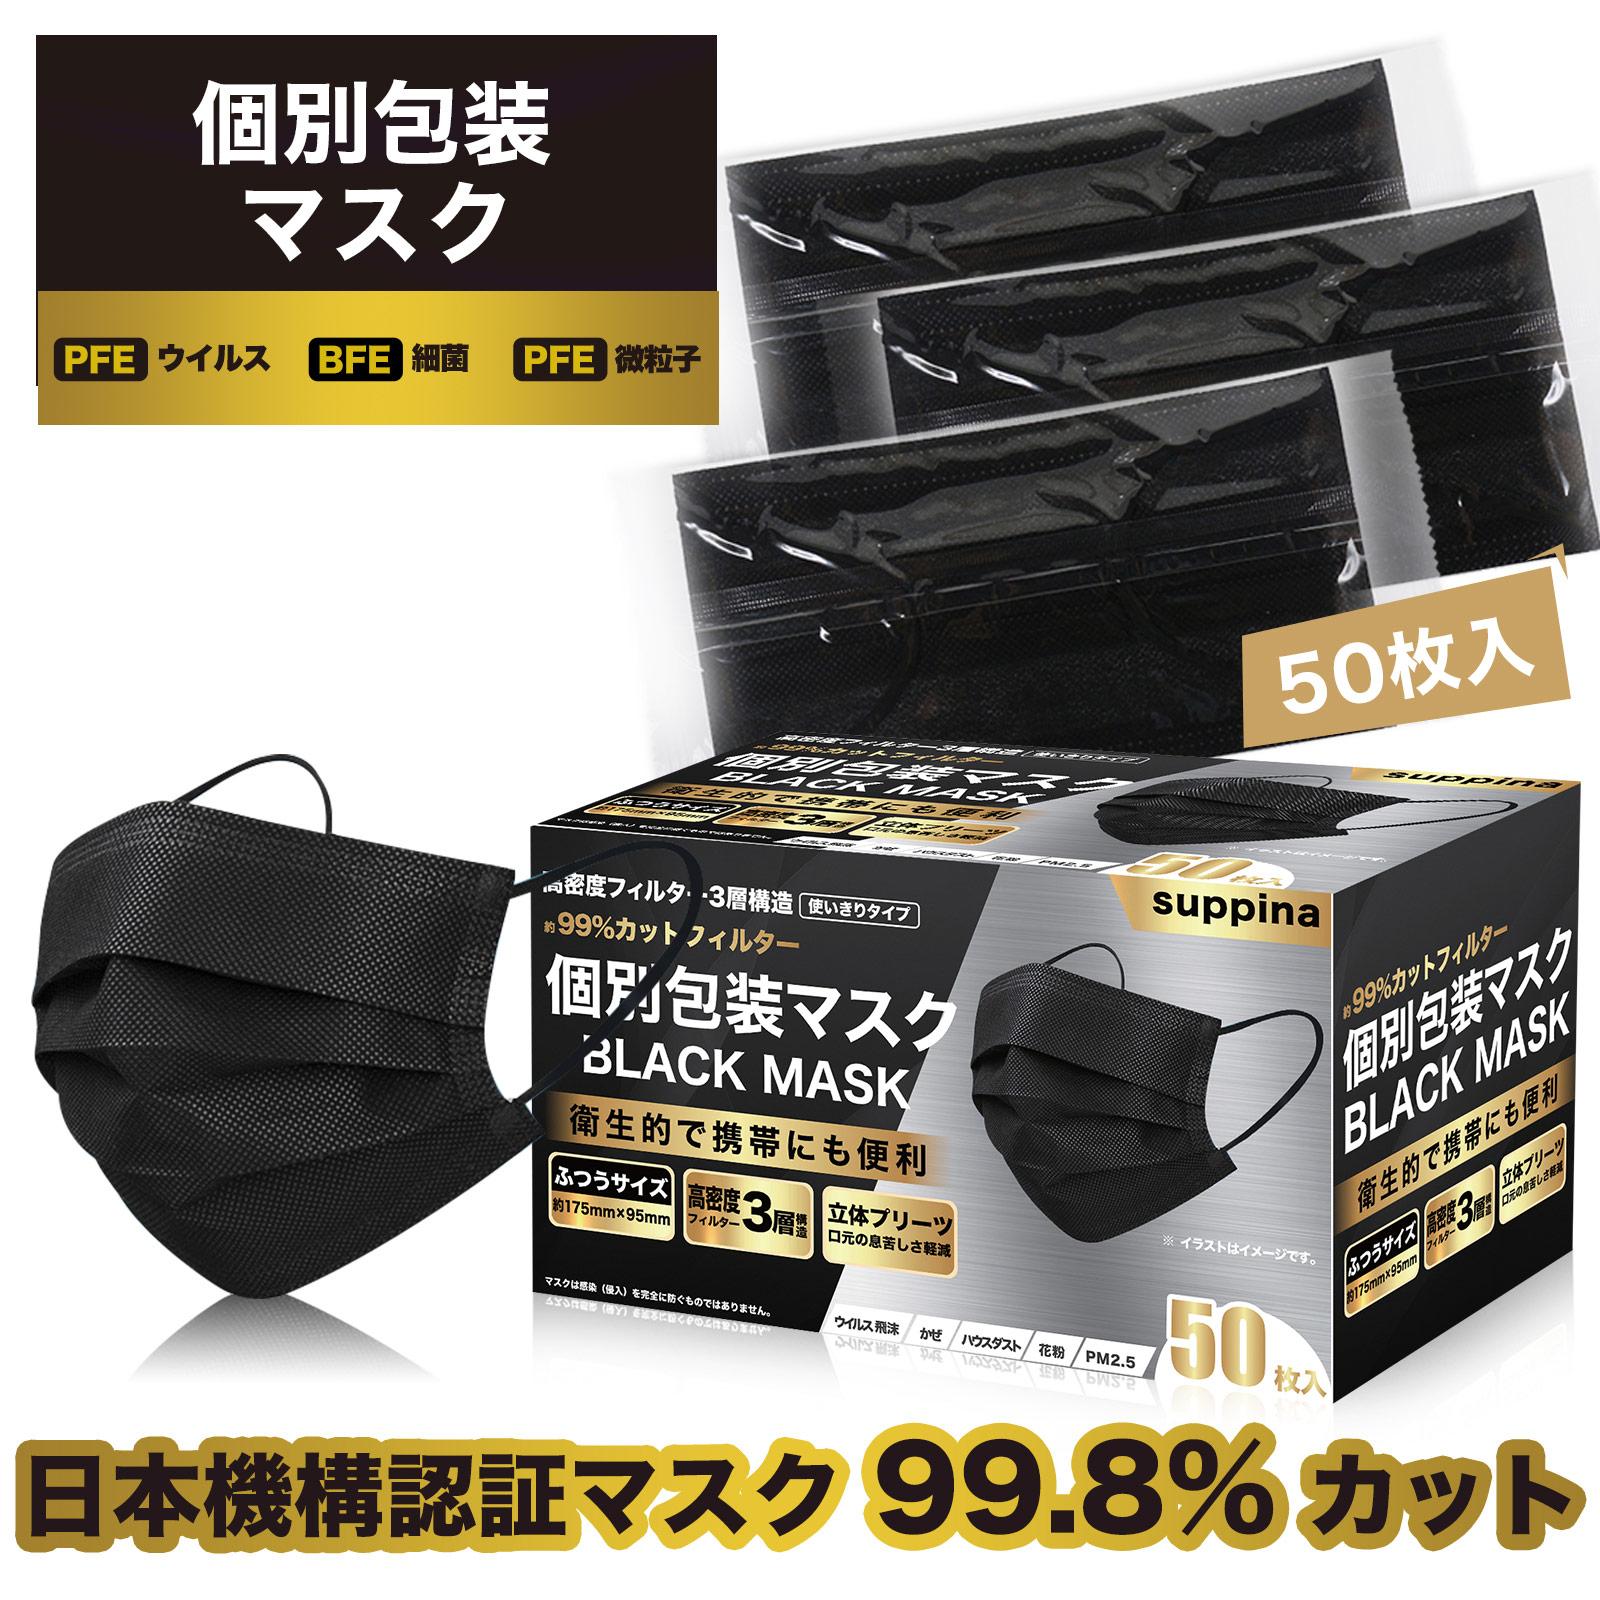 【個包装 ブラック 50枚入】日本機構認証 大人用 サイズ 99.9%CUT ウイルス飛沫 高品質  黒  MASK